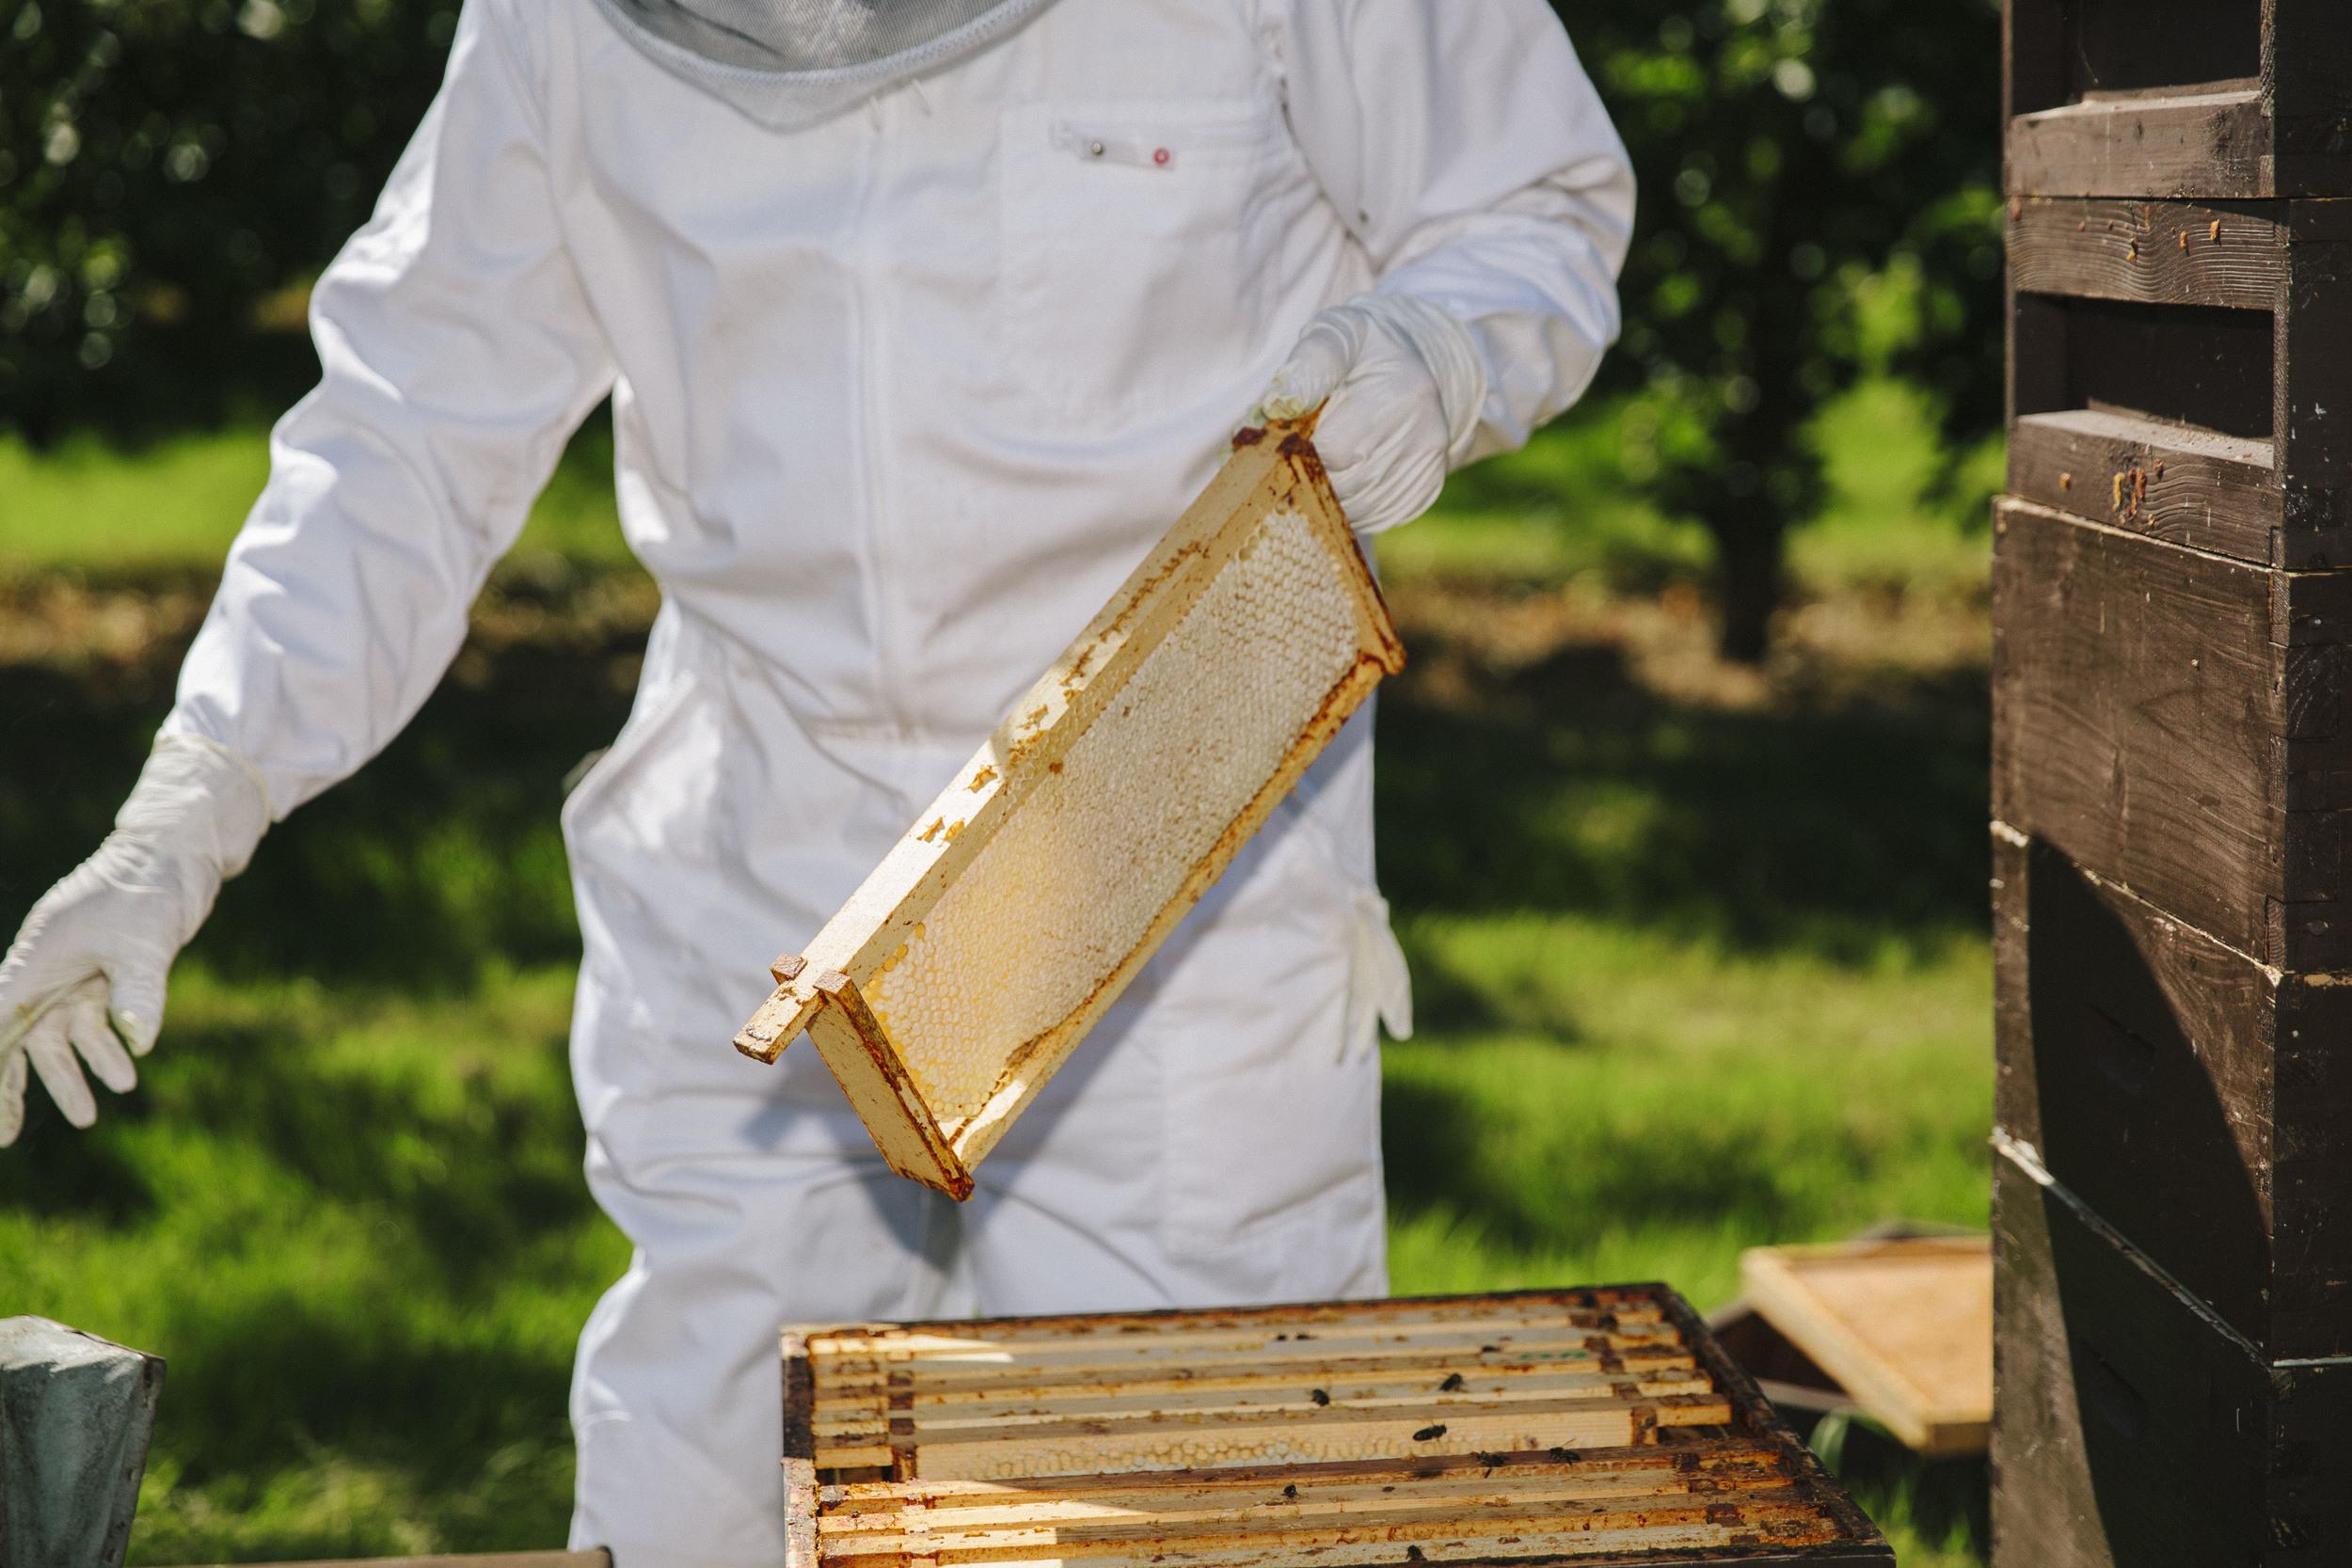 Beekeeping8.jpg